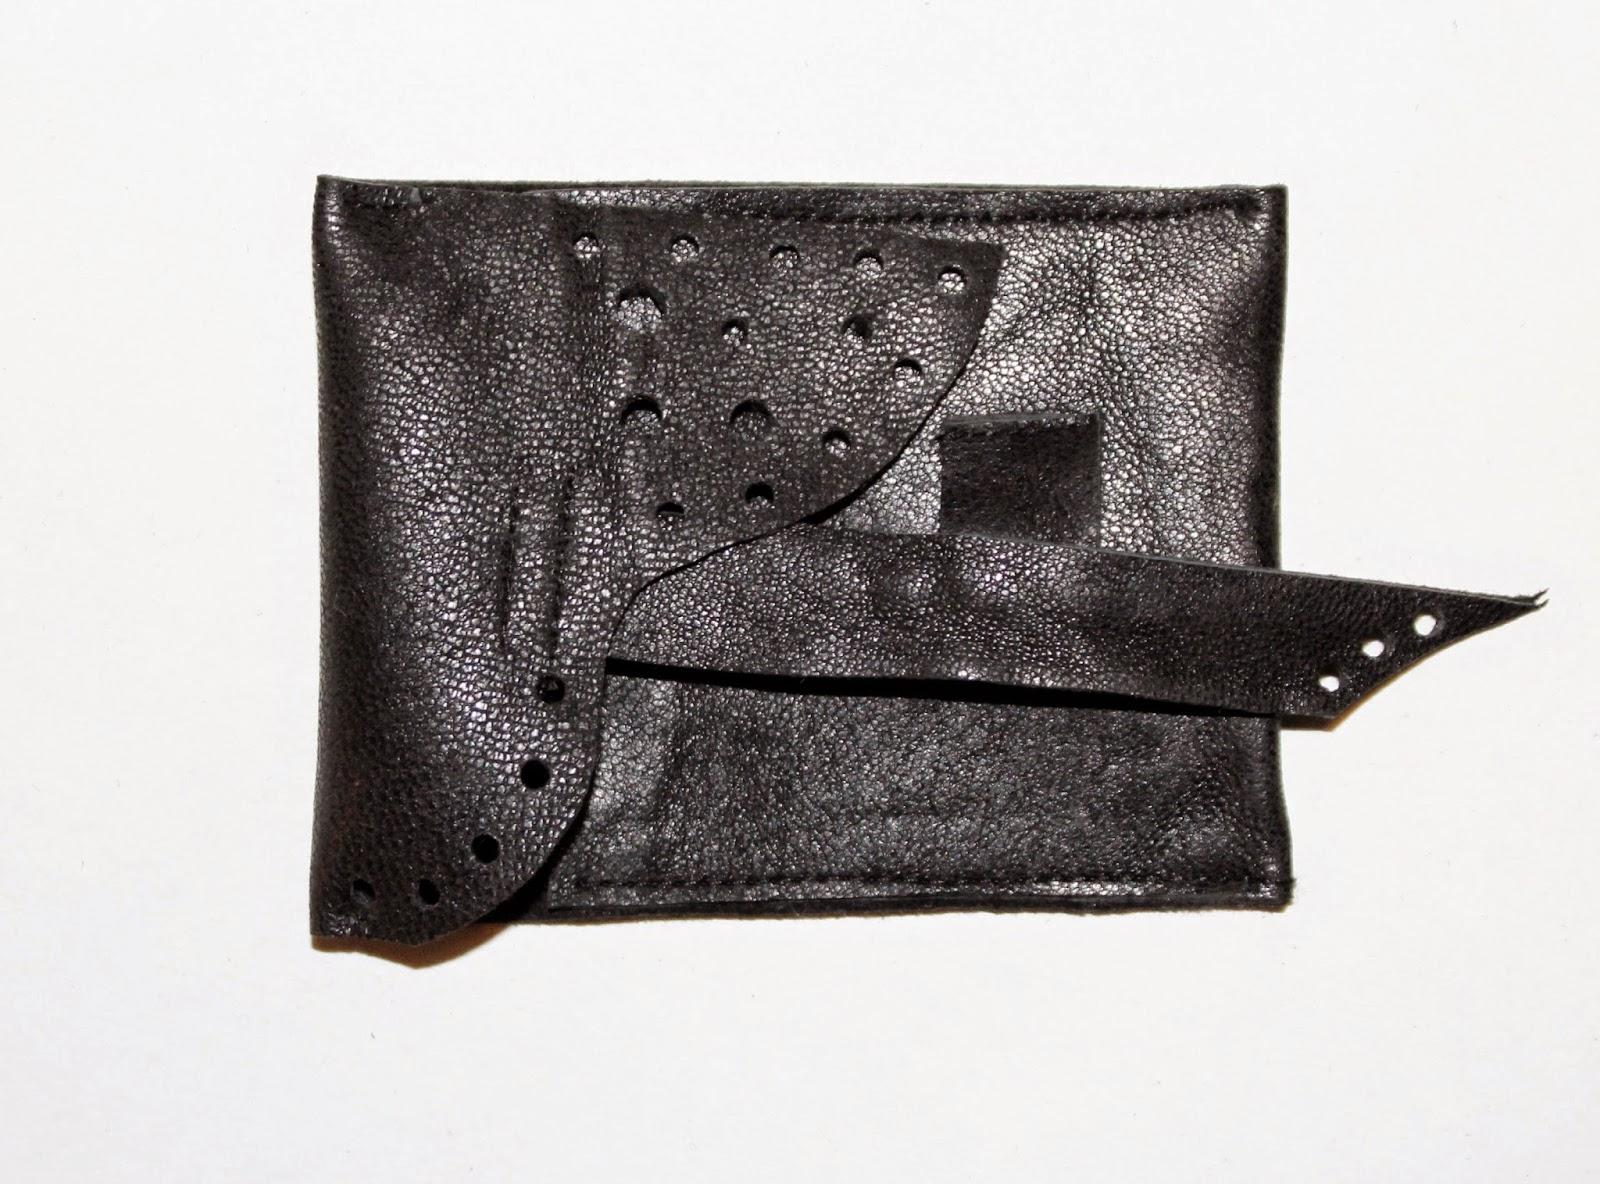 portfel na pieniądze na prezent, DIY, zrób to sam, portfel skórzany recznie robiony, krok po kroku tutorial